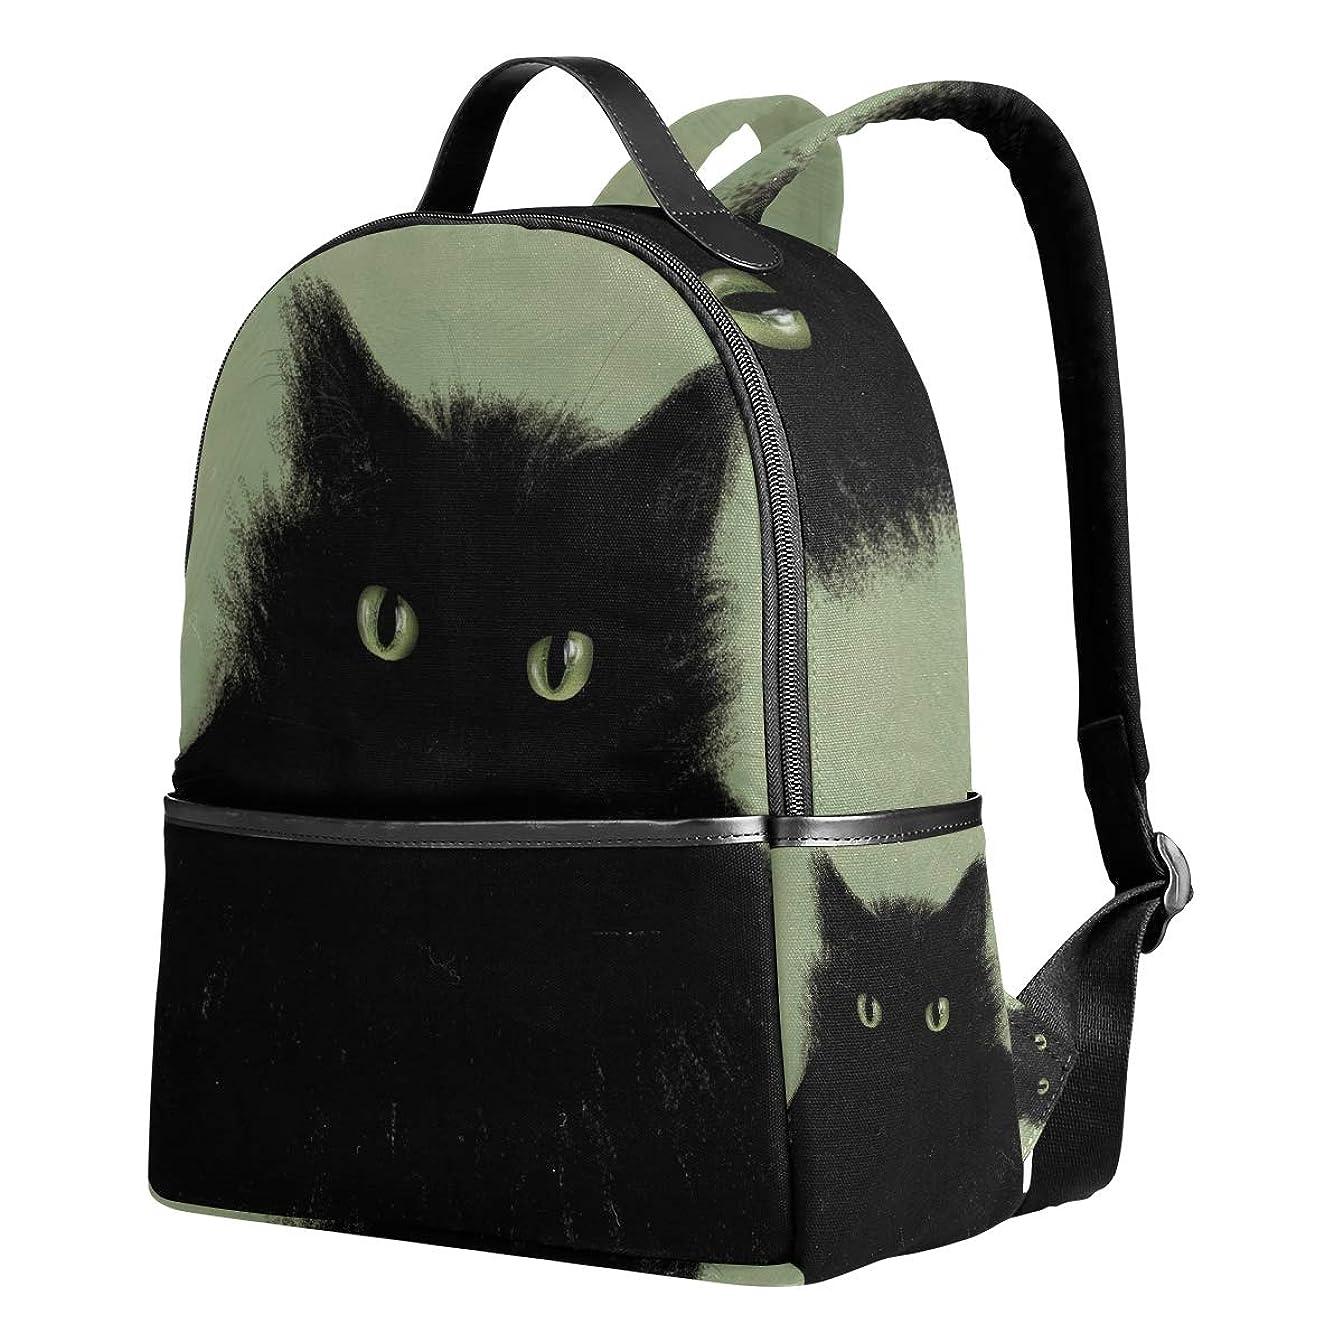 アナニバー放映気まぐれなユサキ(USAKI) リュック リュックサック 通学 黒猫 猫柄 ブラック